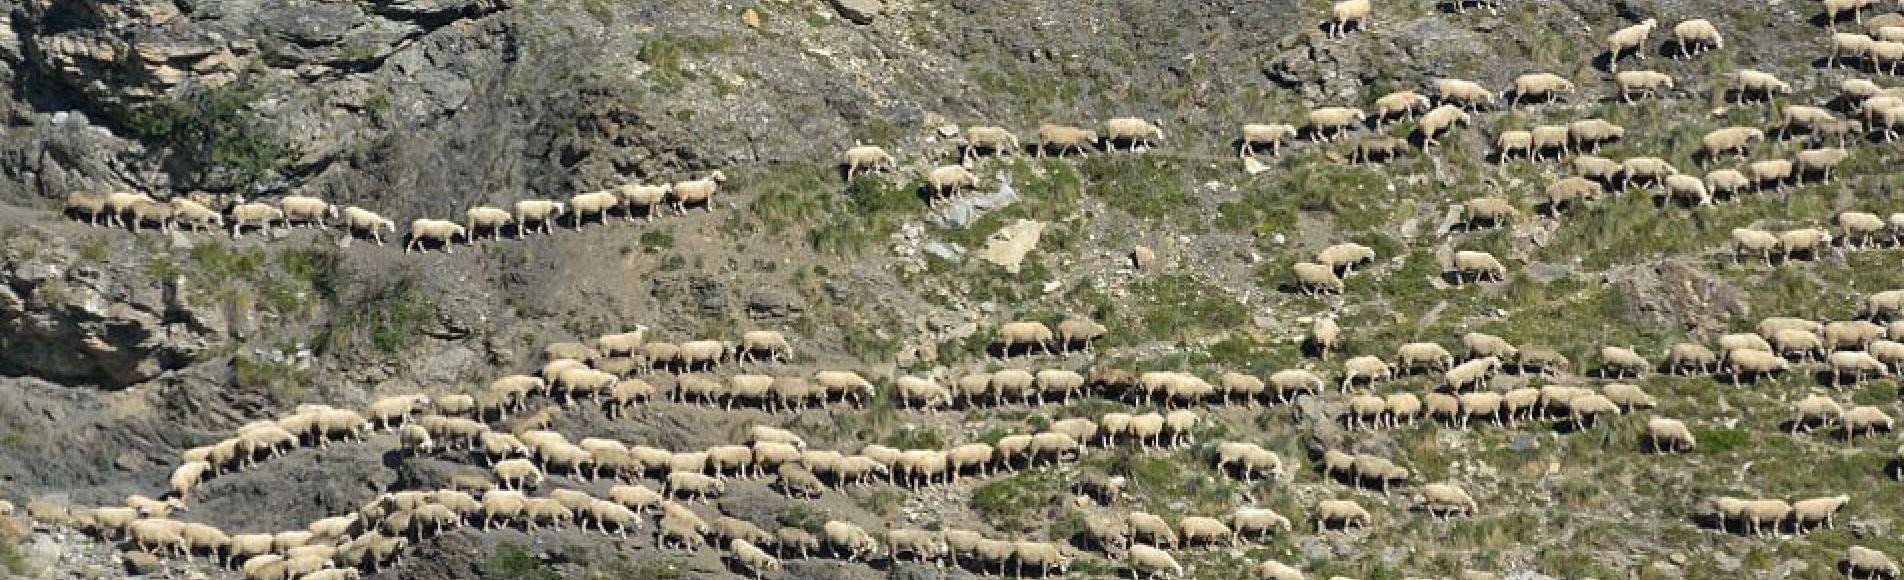 Troupeau de brebis © M.Coulon - Parc national des Écrins